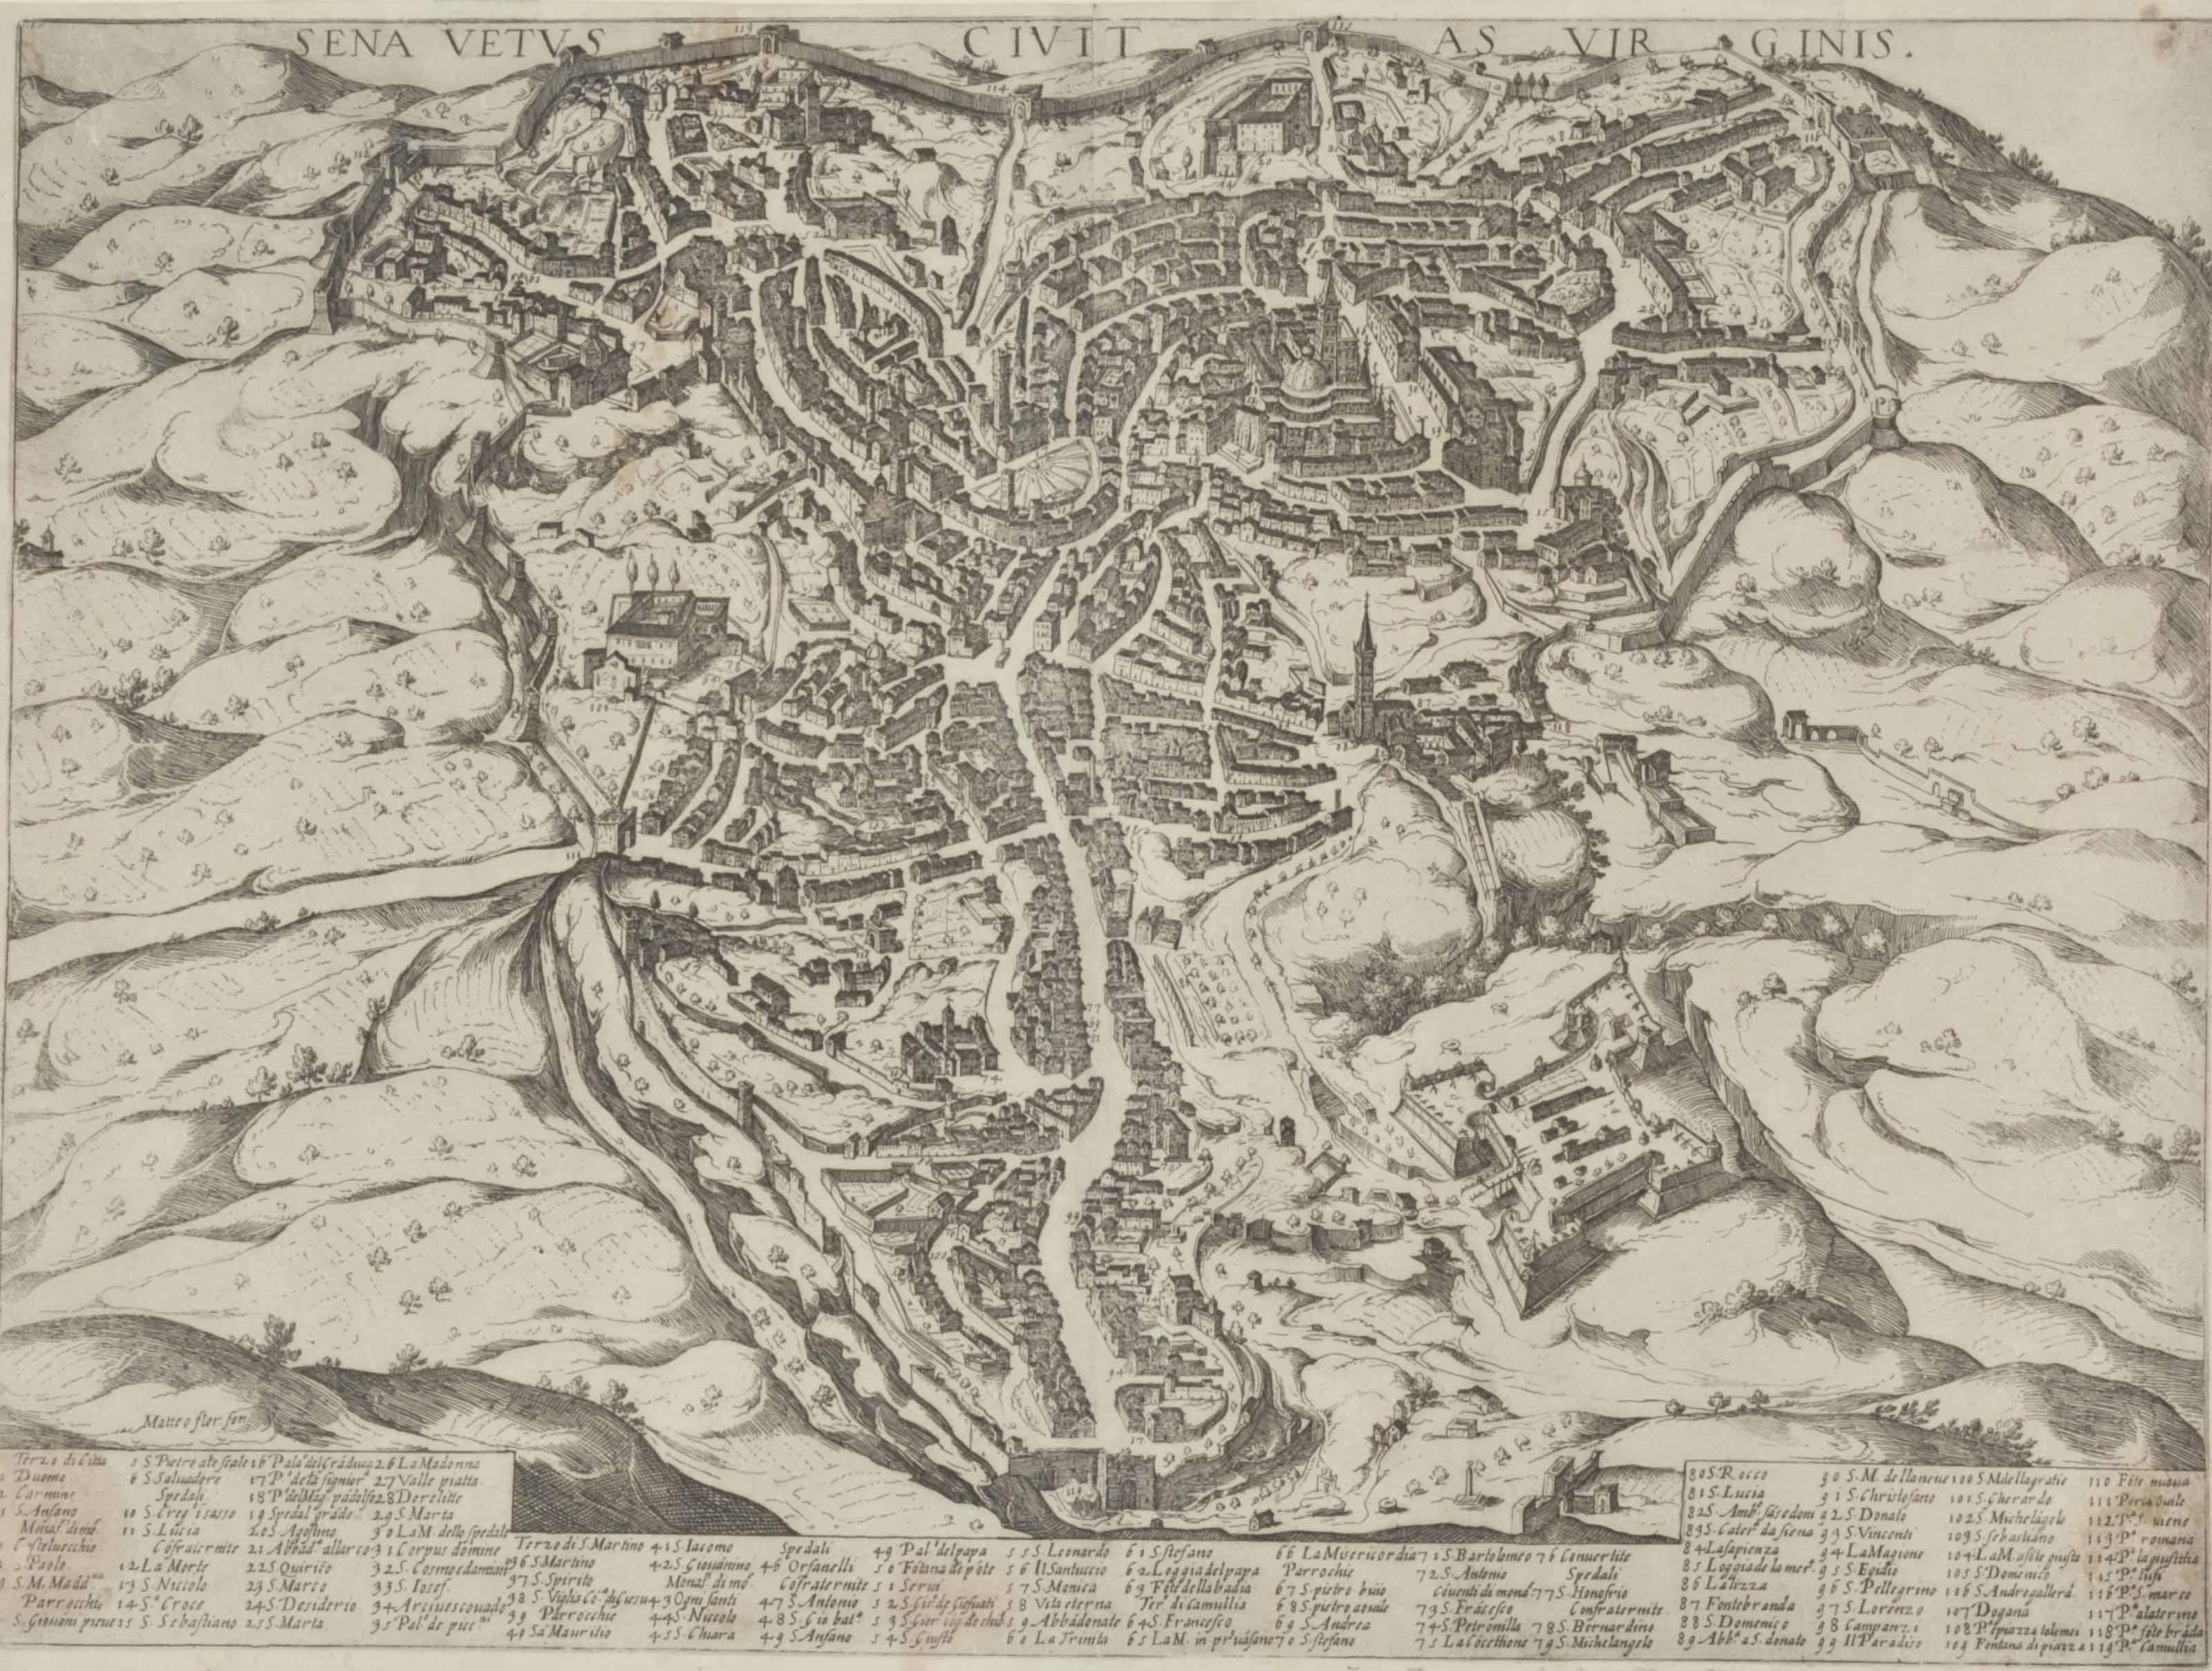 FLORIMI, Matteo (ca 1540-1613).  Sena Vetus Civitas Virginis. Siena, ca 1600.